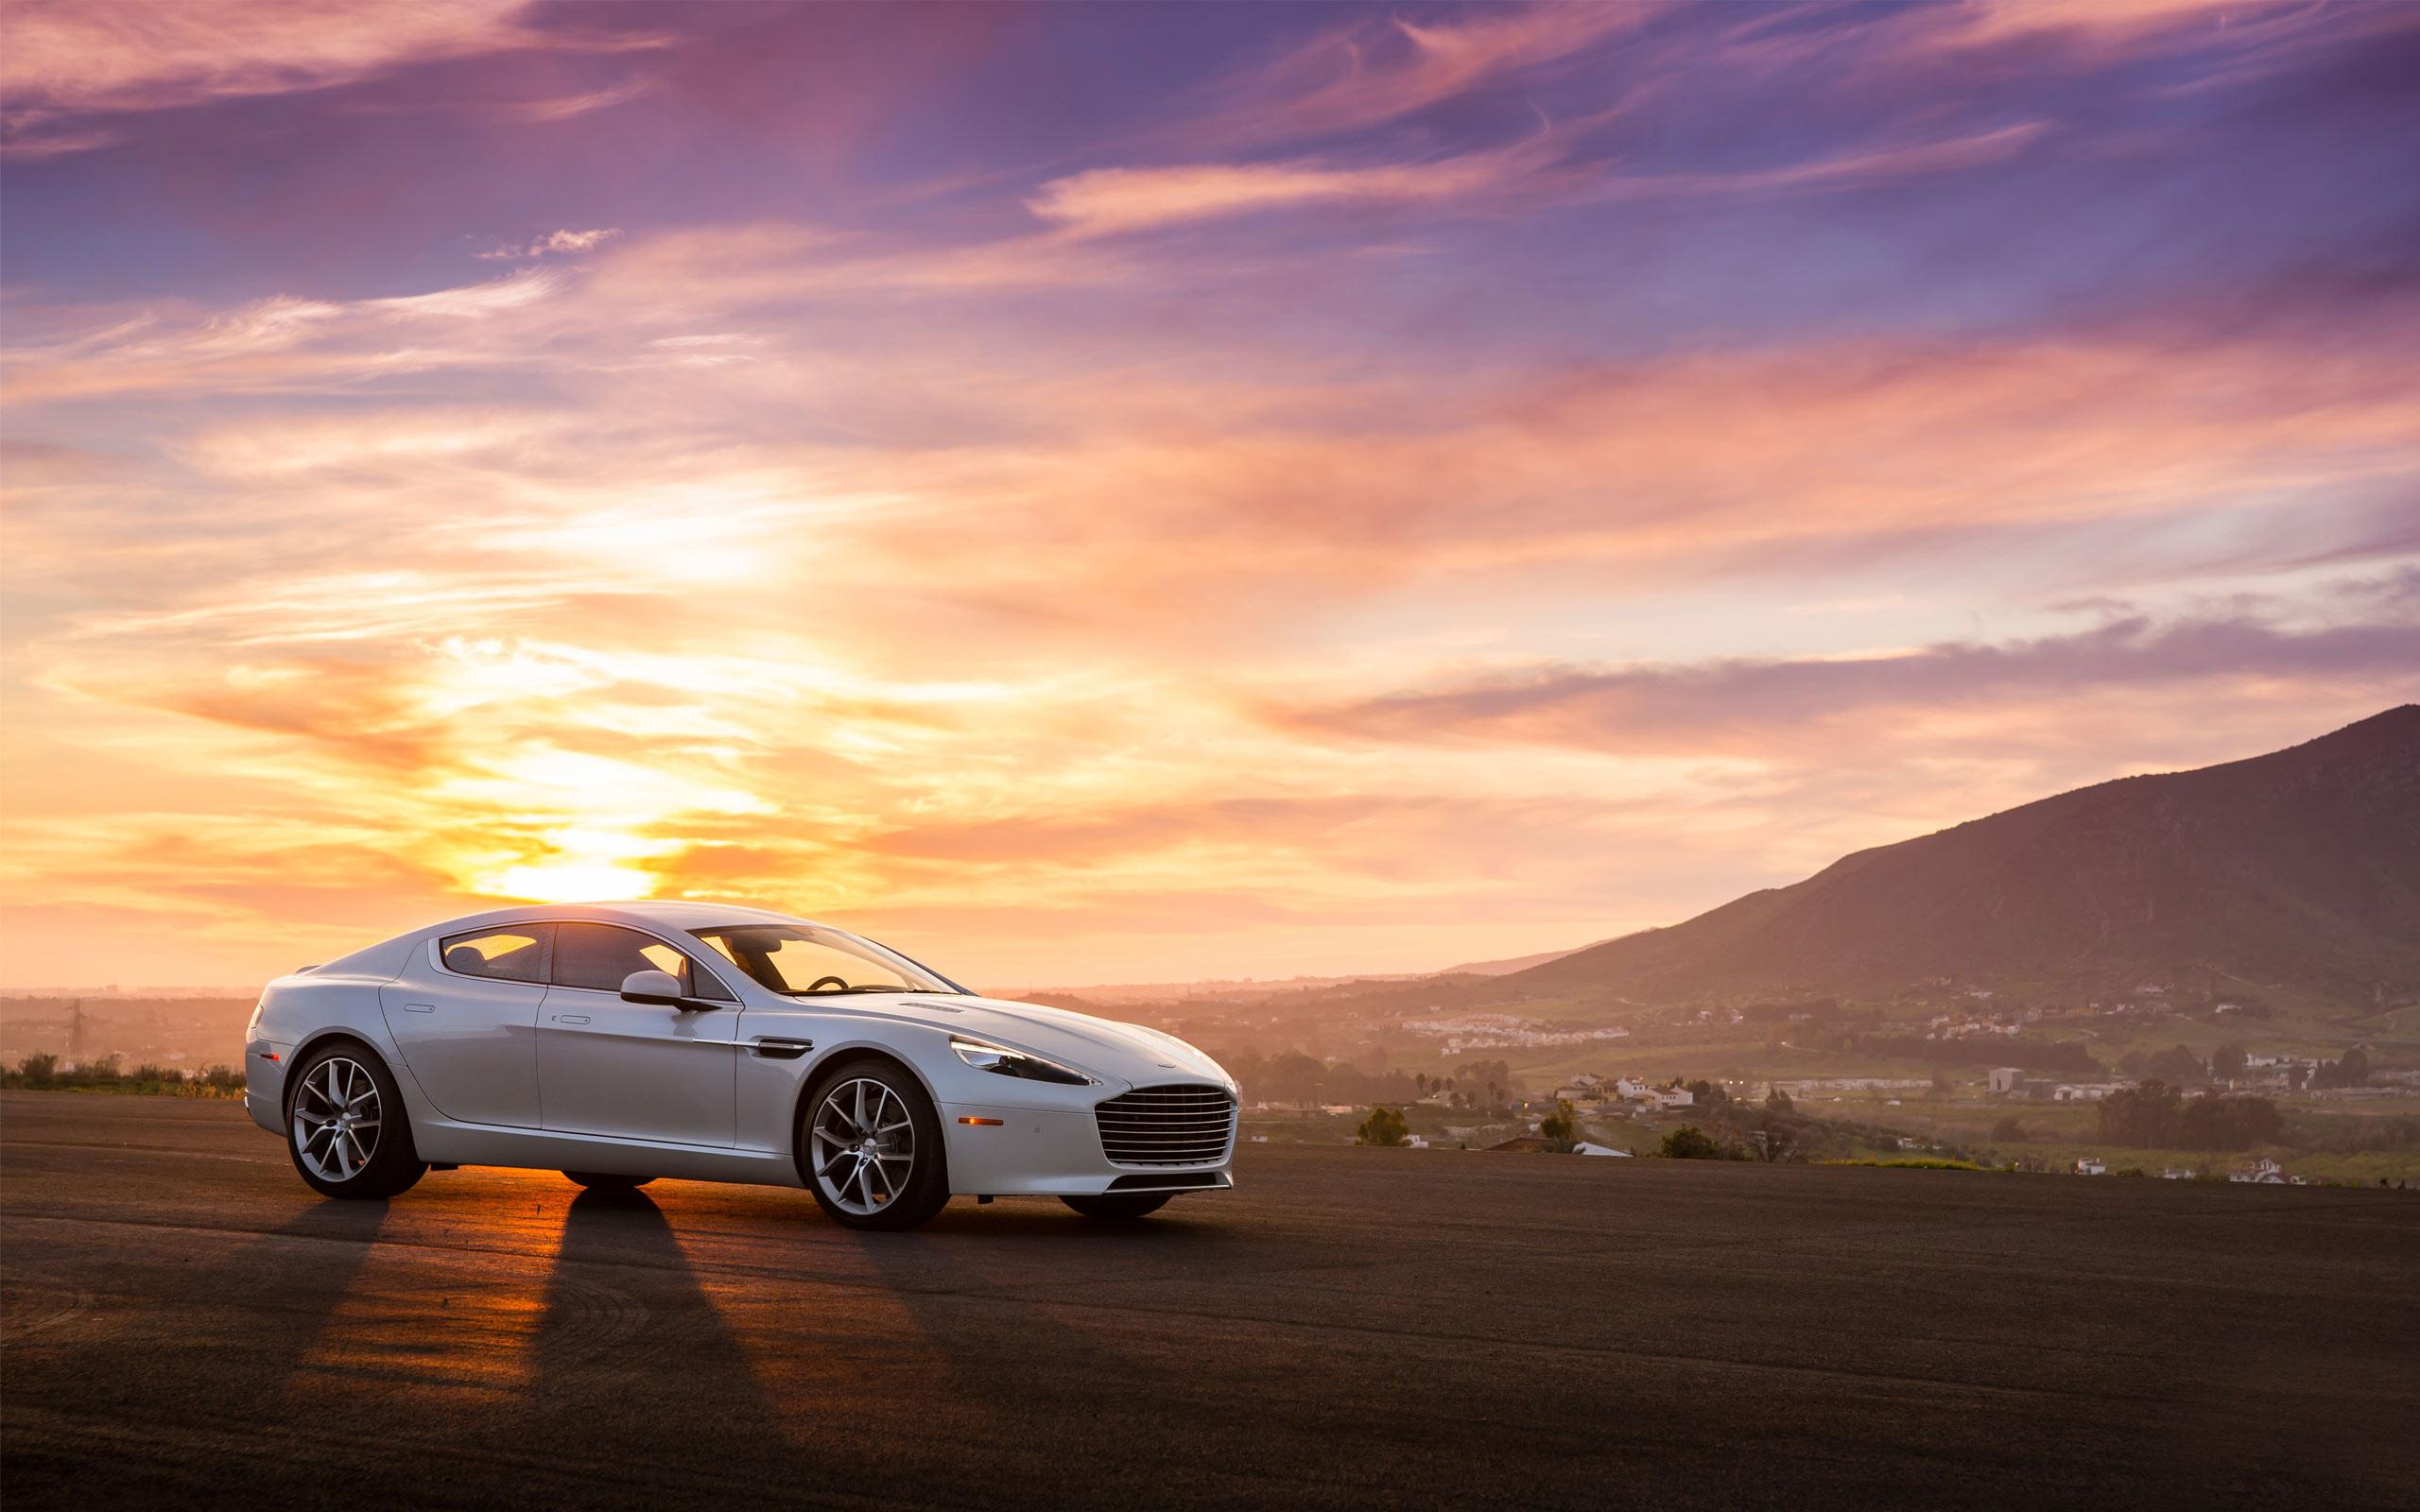 этом горизонтальные картинки автомобилей сама света походила